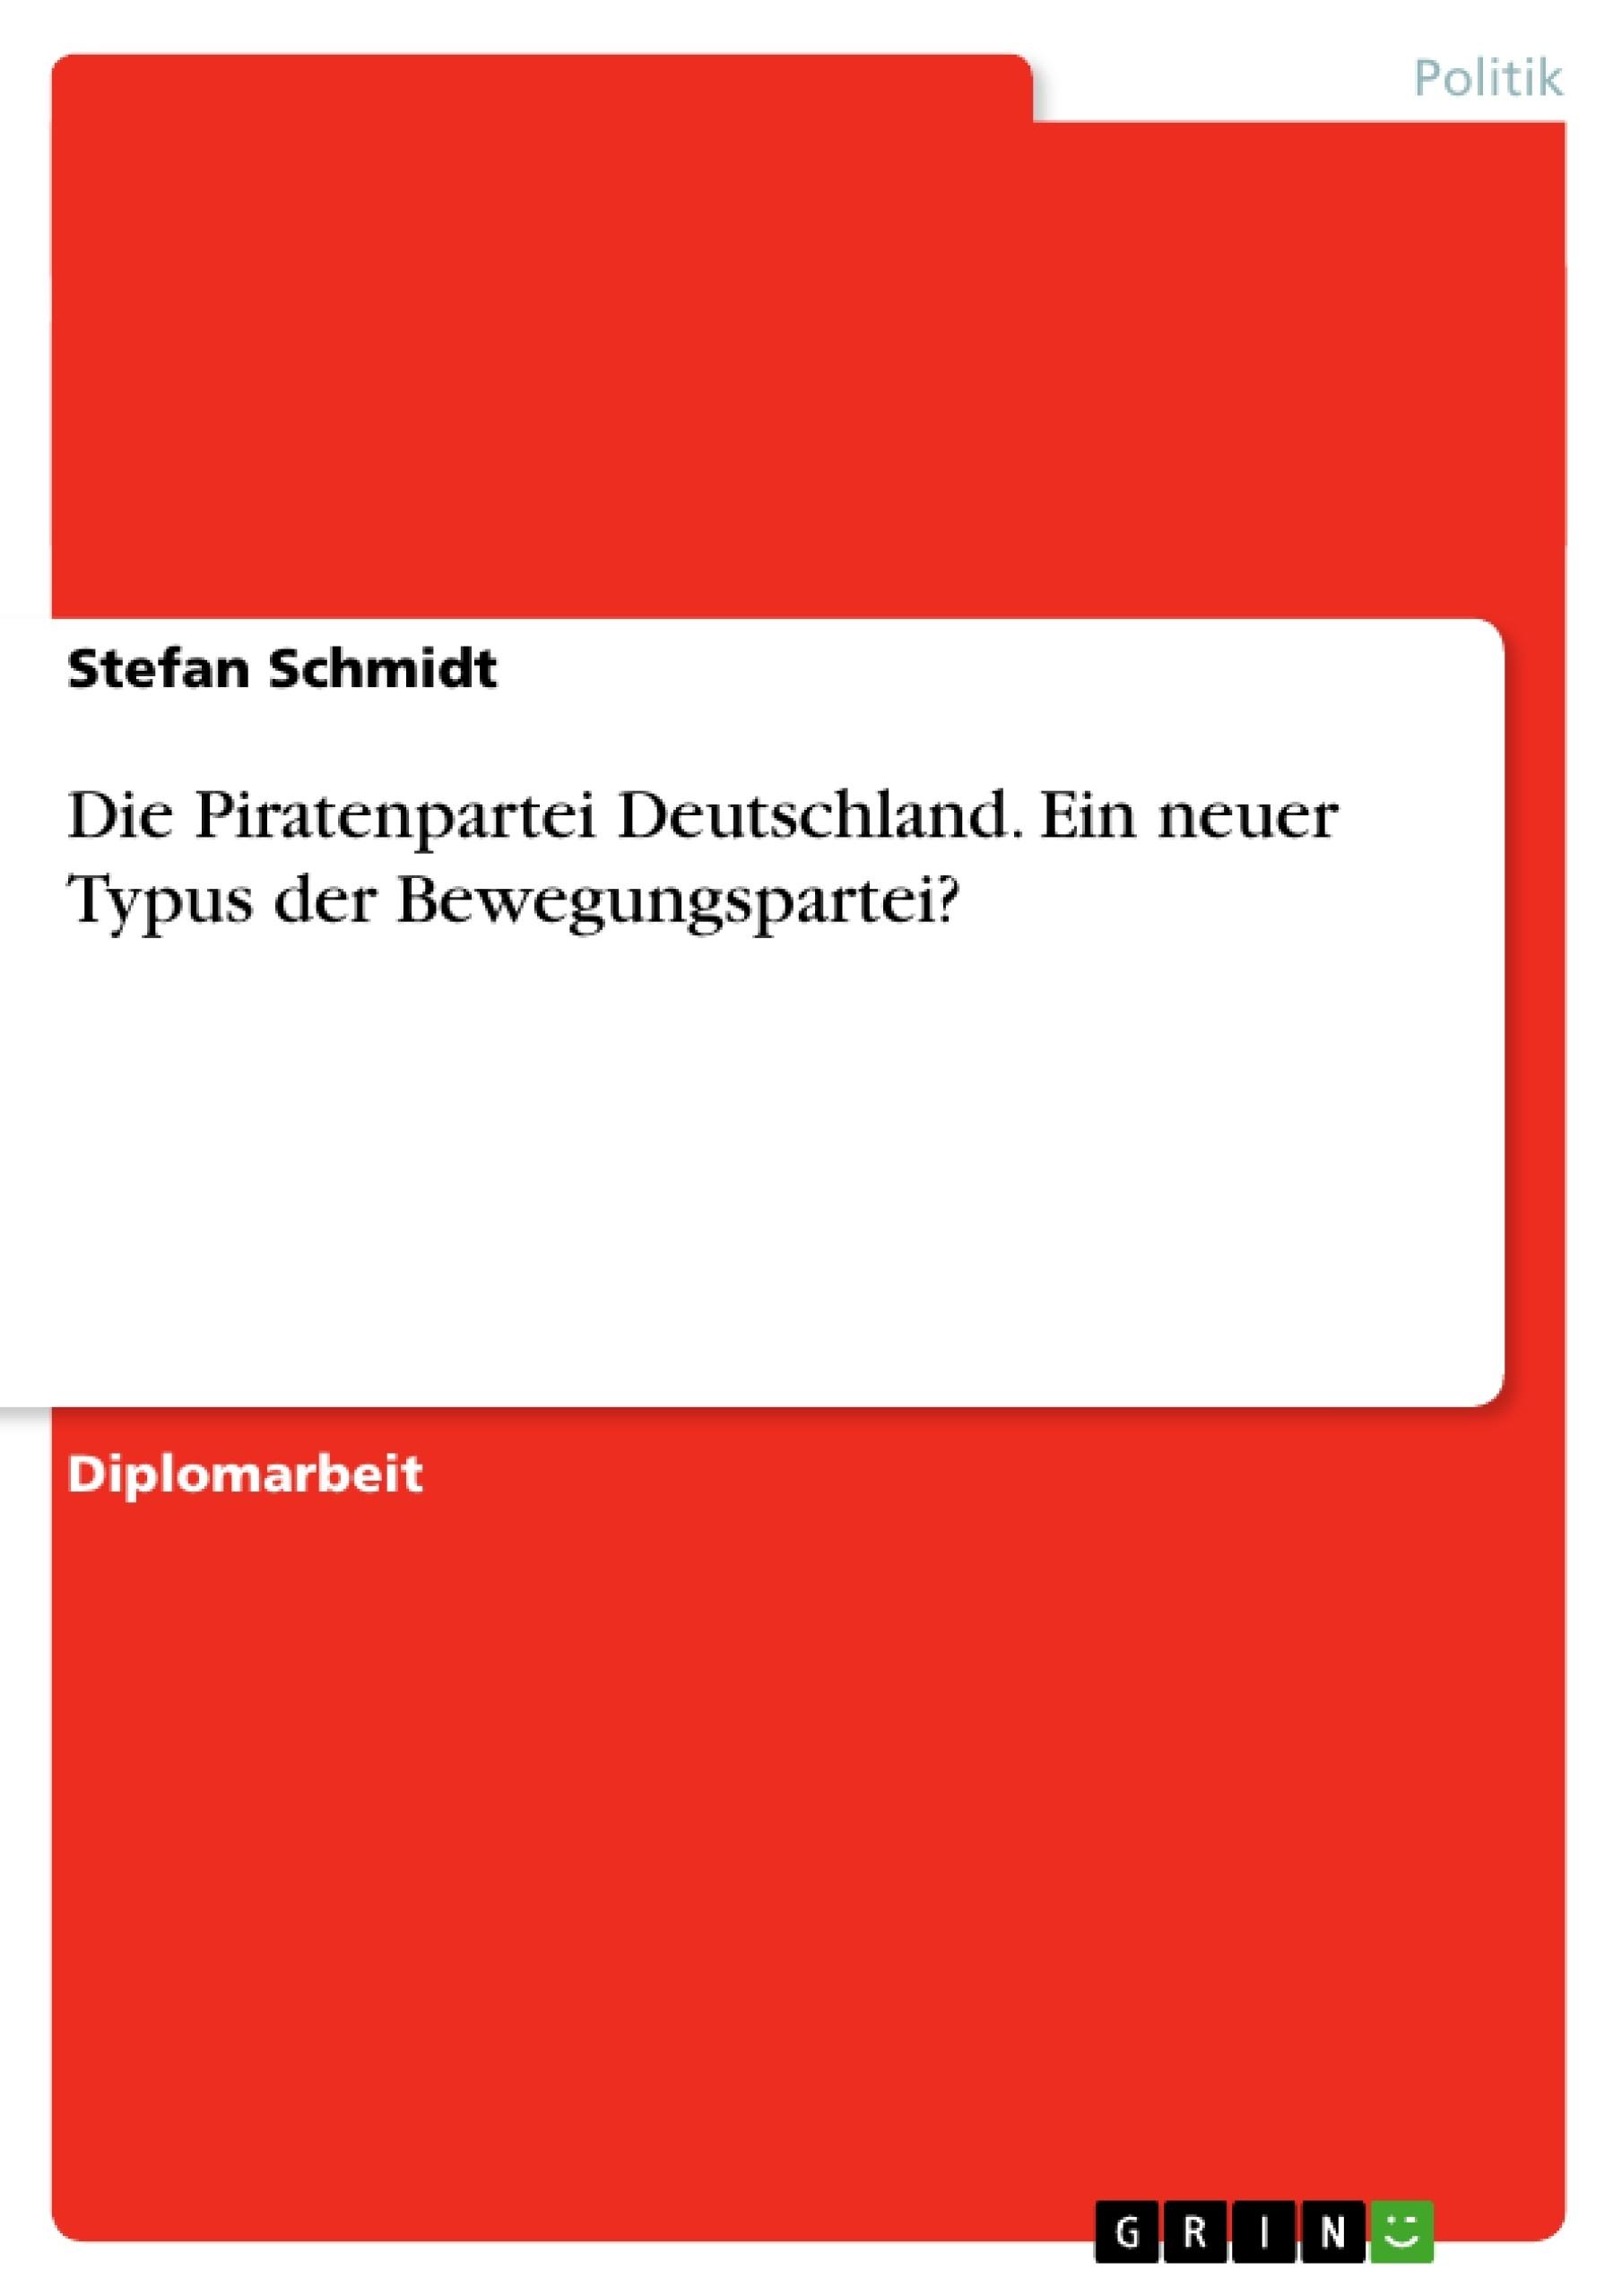 Titel: Die Piratenpartei Deutschland. Ein neuer Typus der Bewegungspartei?